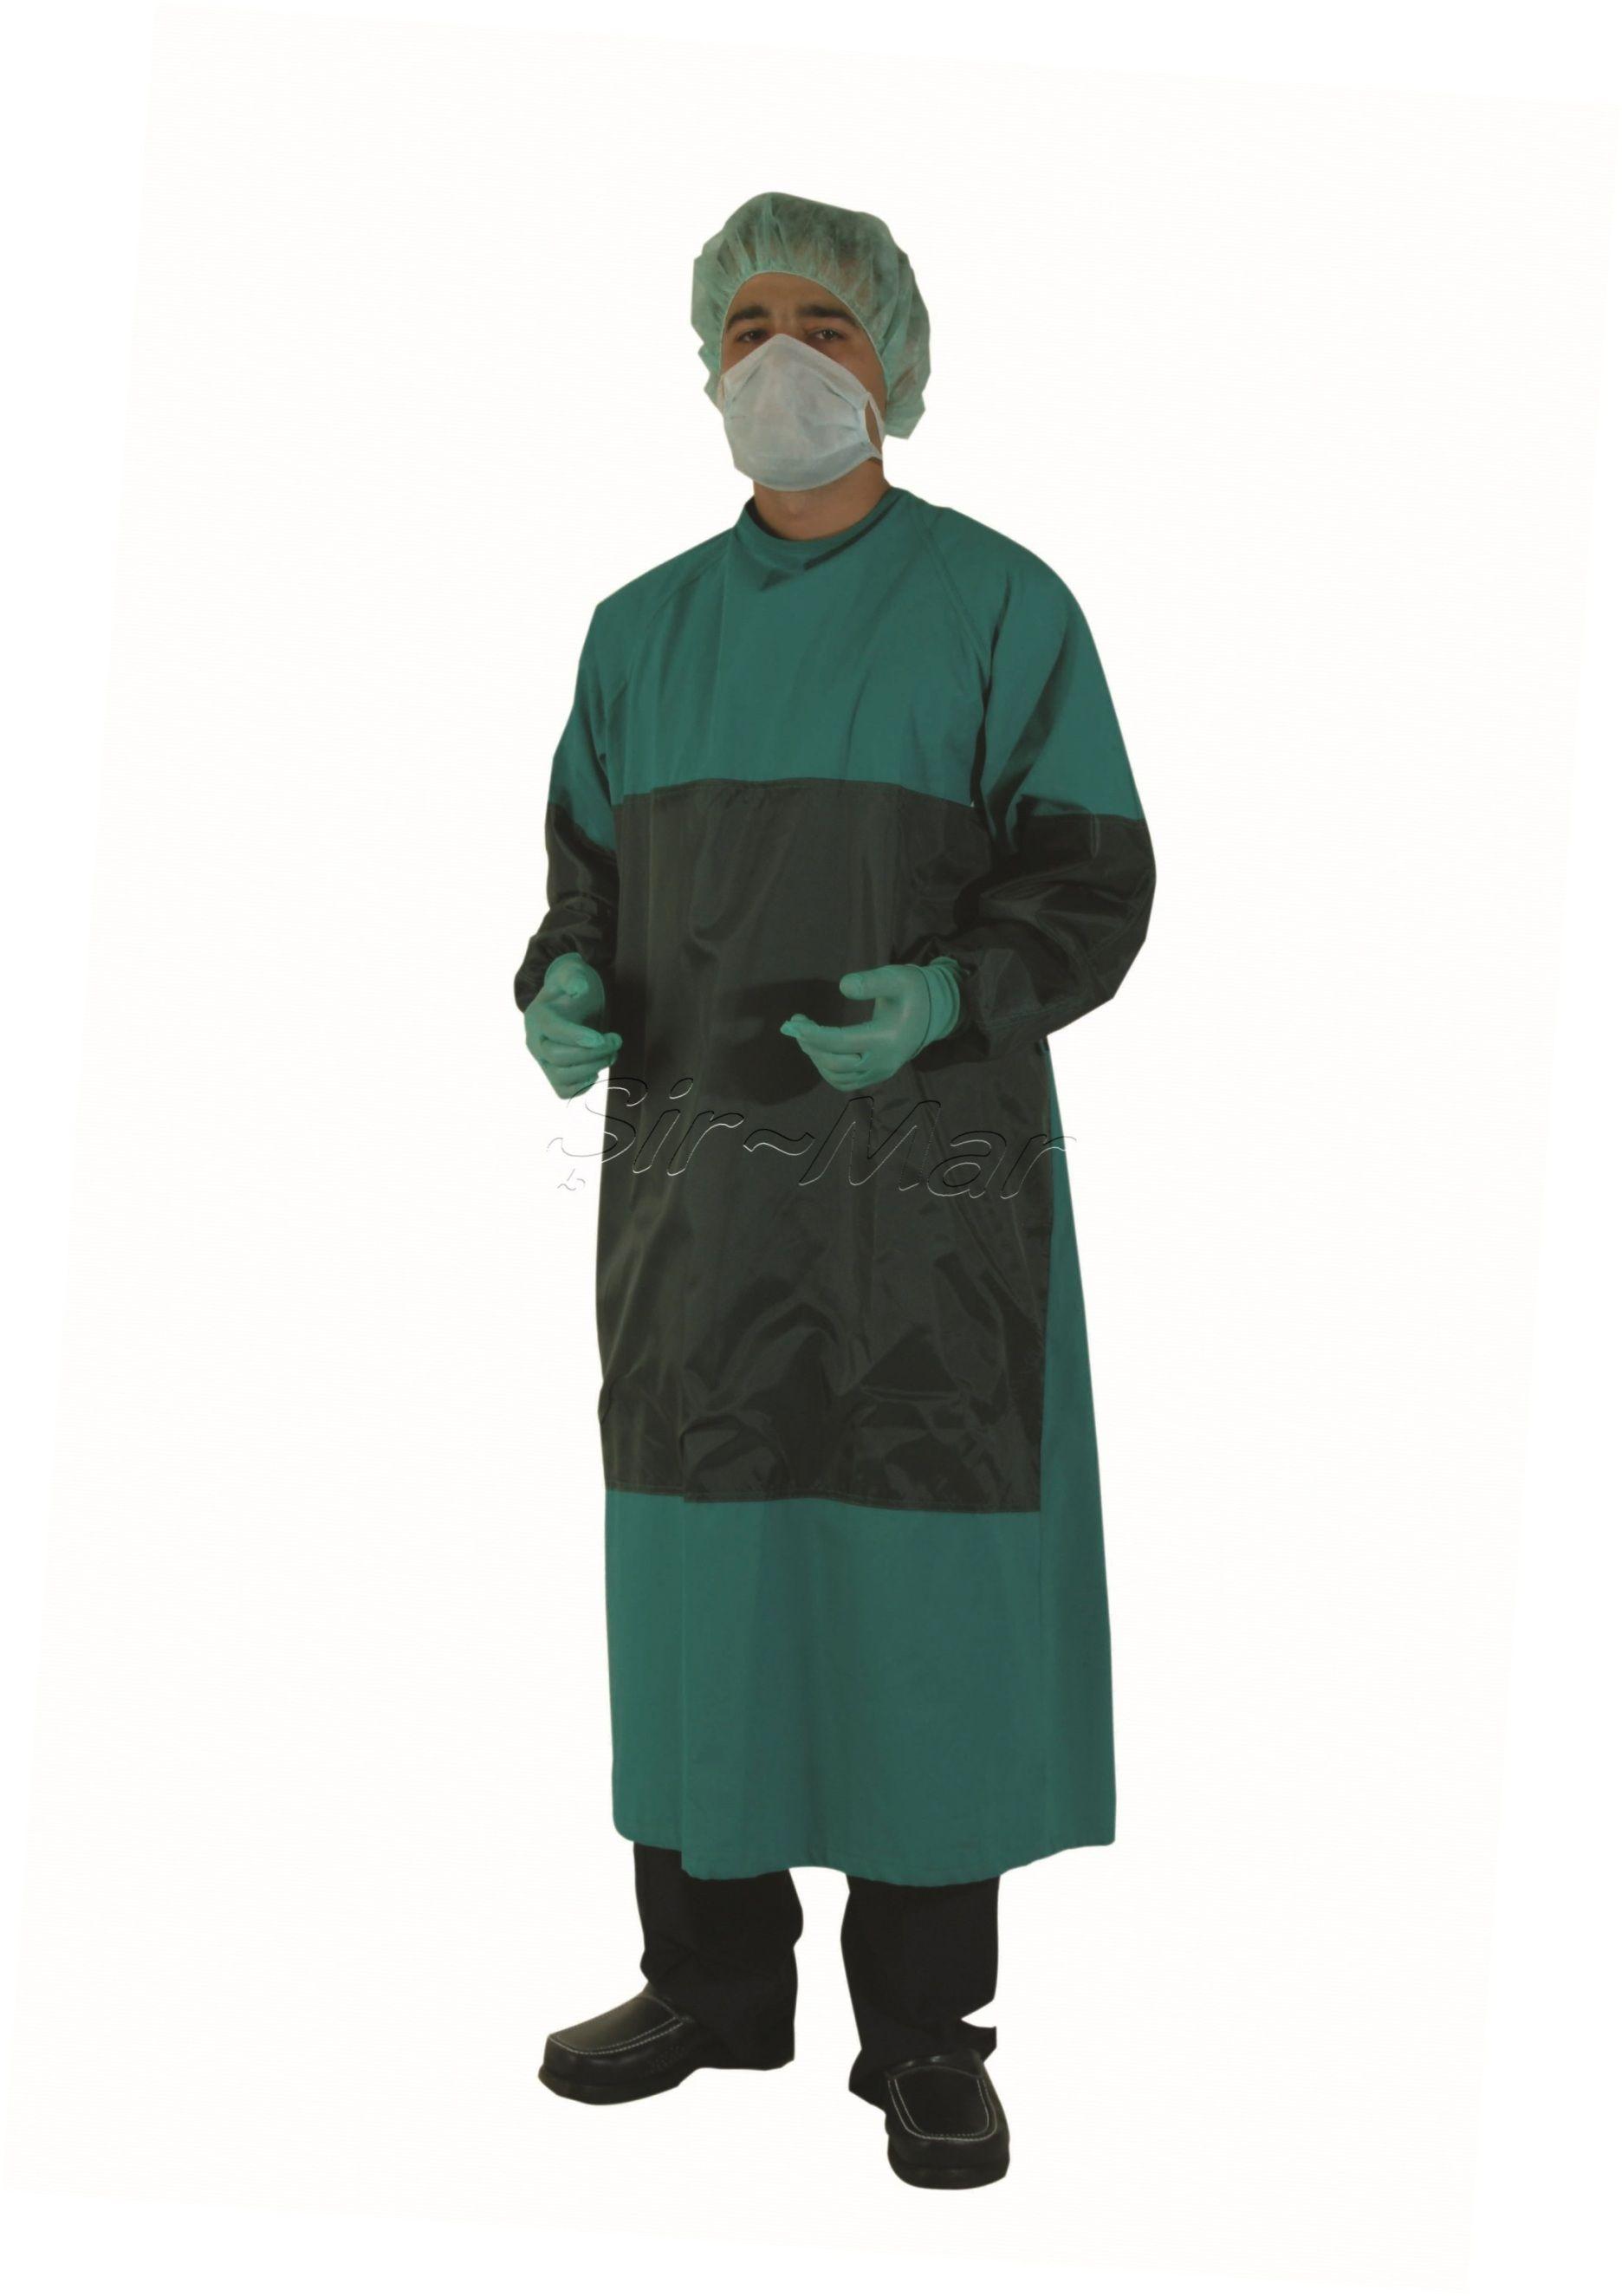 SG-02 SURGICAL GOWN • %100 cotton linen fabric • Autoclavable ...